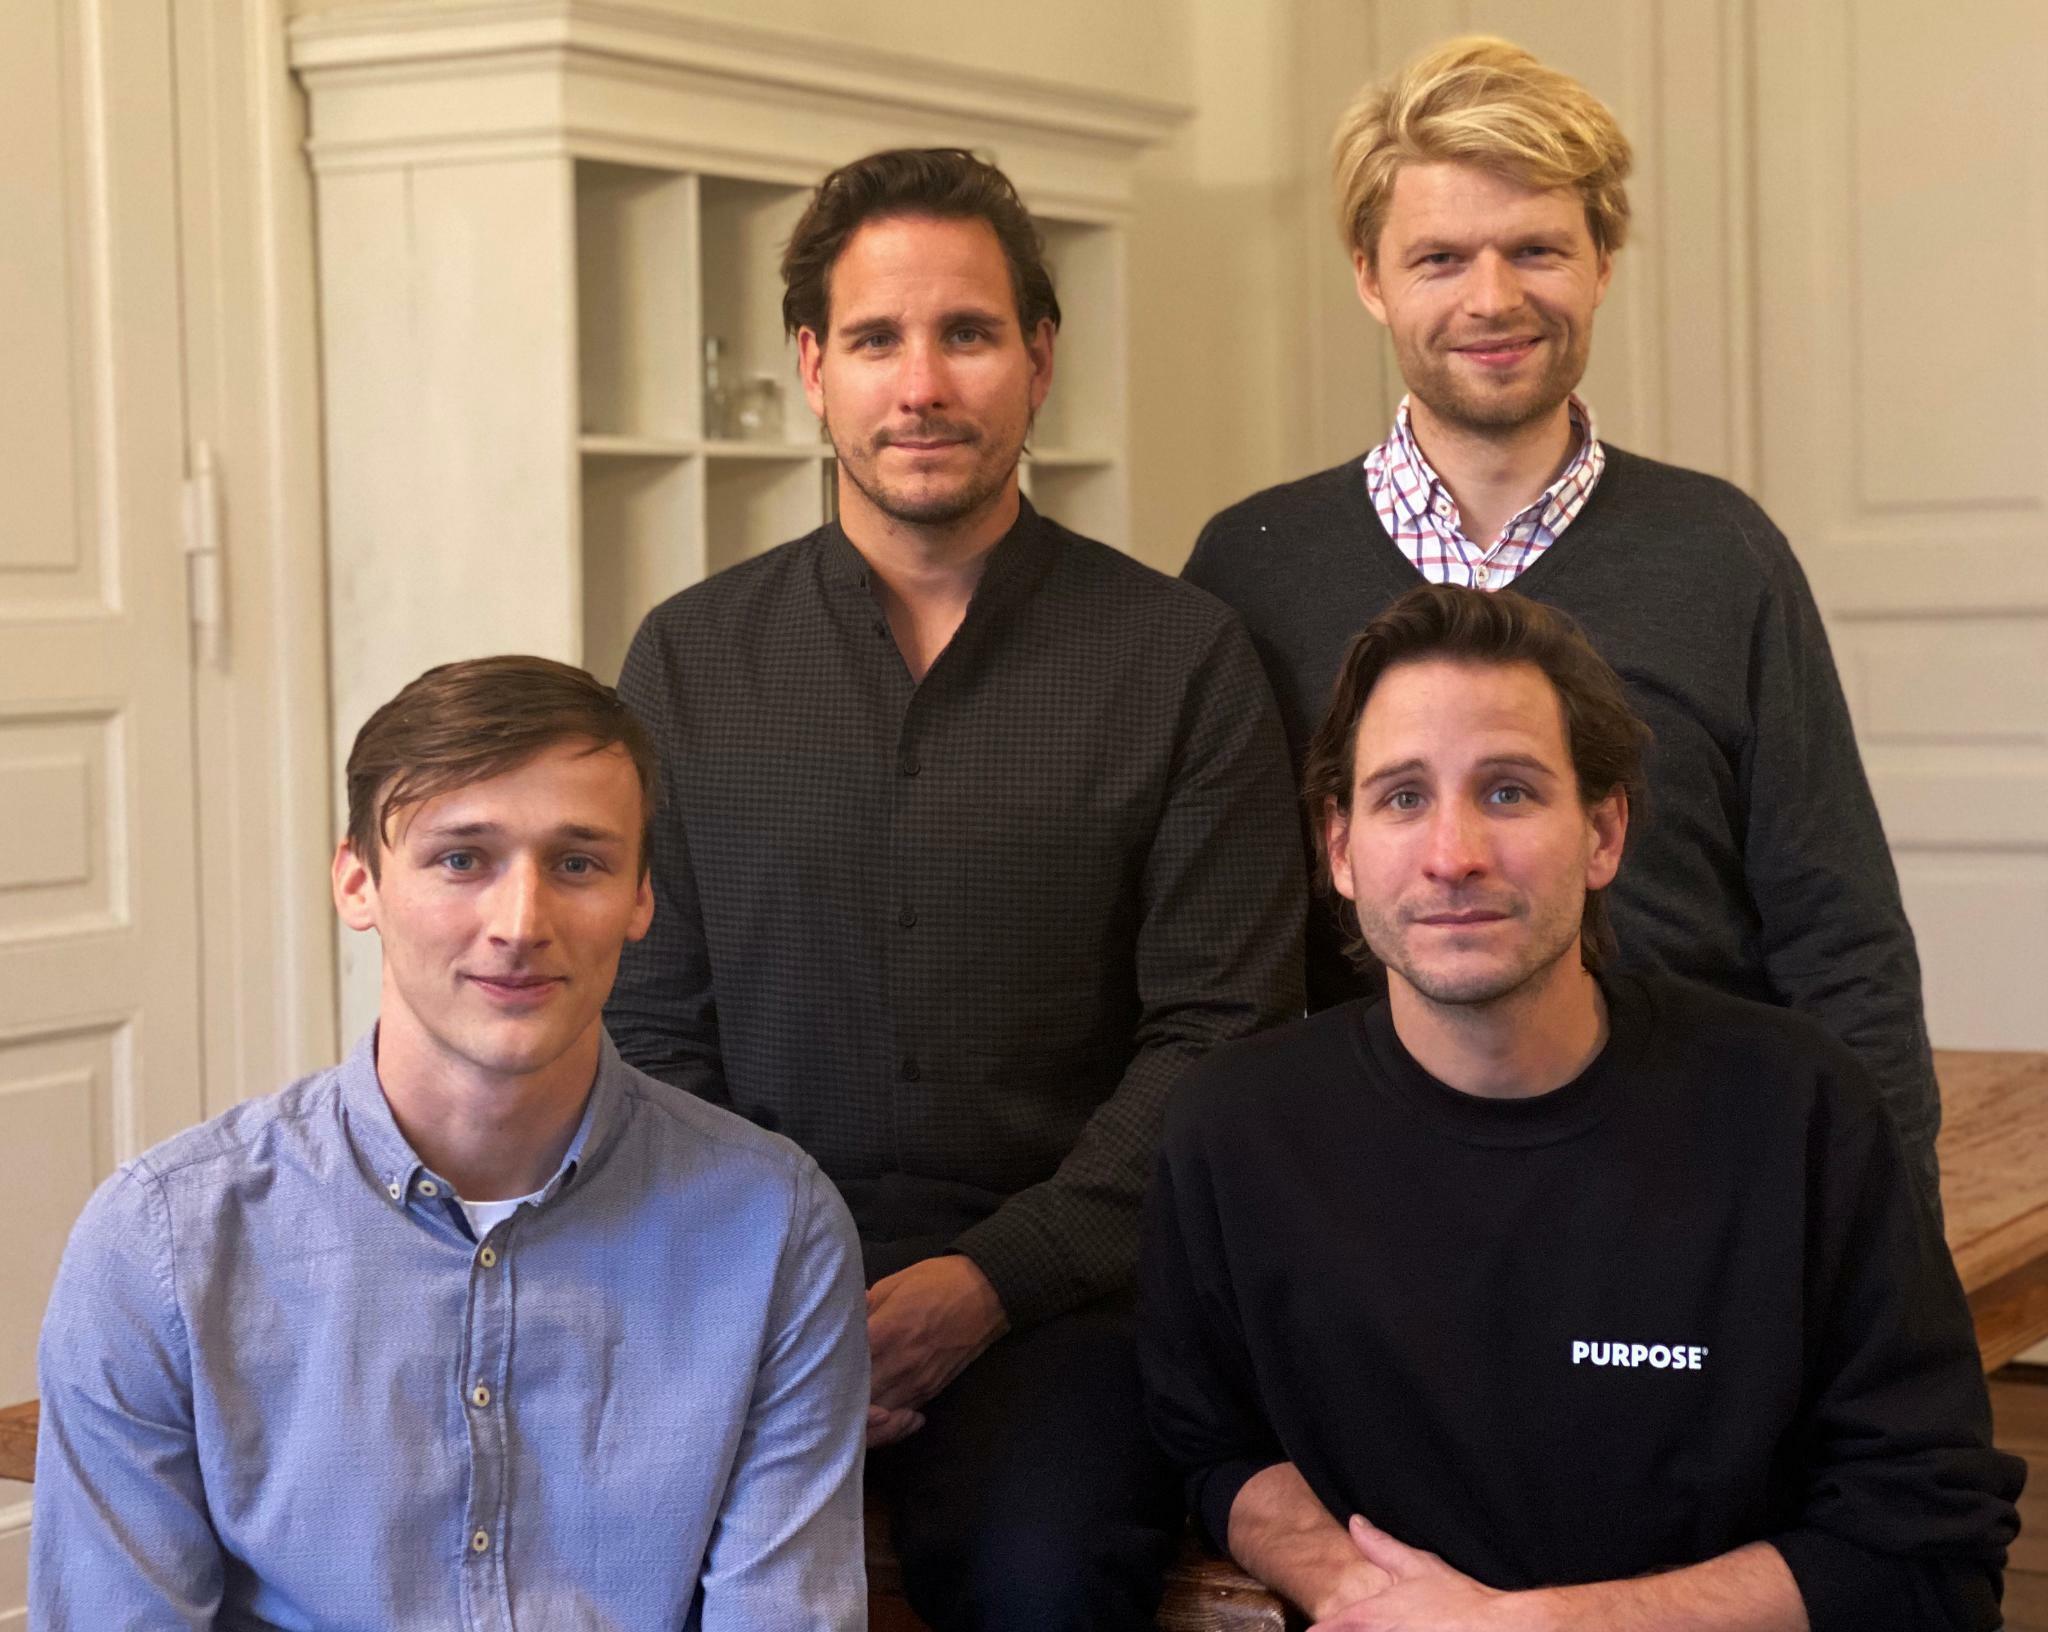 Diese vier Unternehmer wollen das Verantwortungseigentum fördern